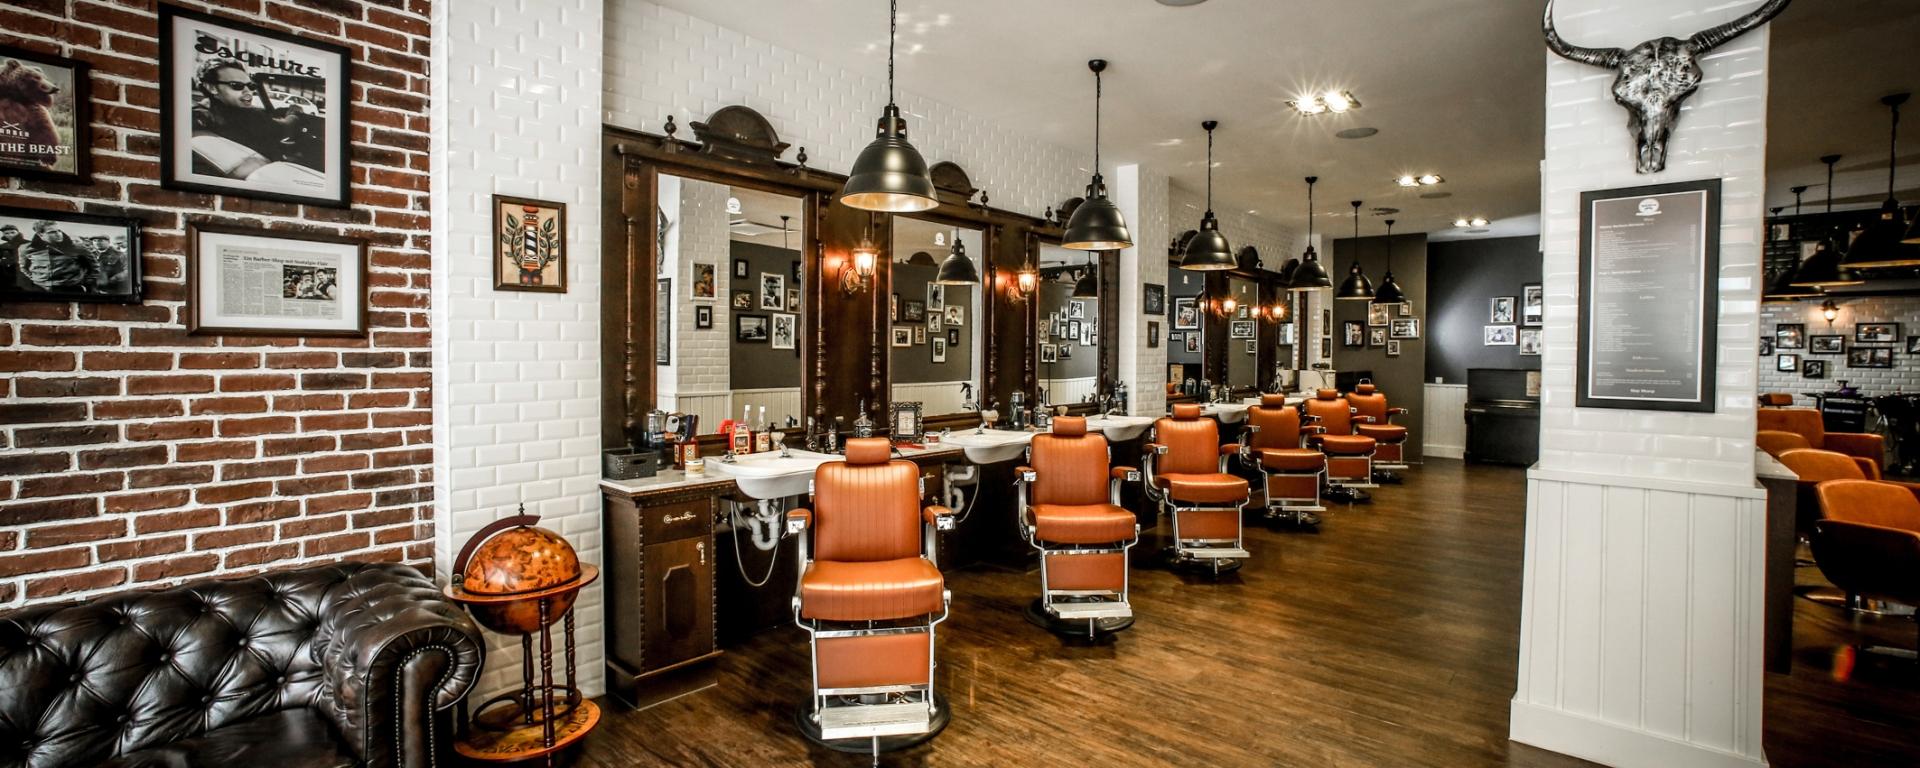 hagi s barber shop slowretail blog. Black Bedroom Furniture Sets. Home Design Ideas